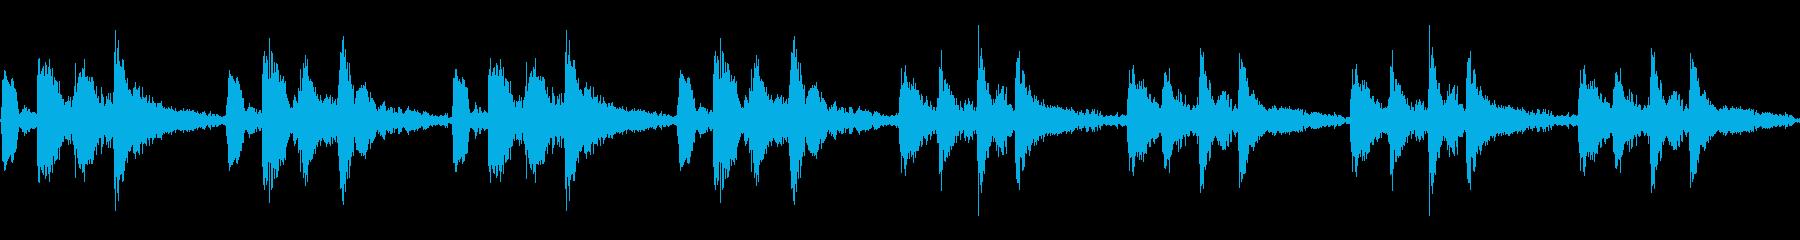 弦楽音 CM RPG  上品 ループ素材の再生済みの波形